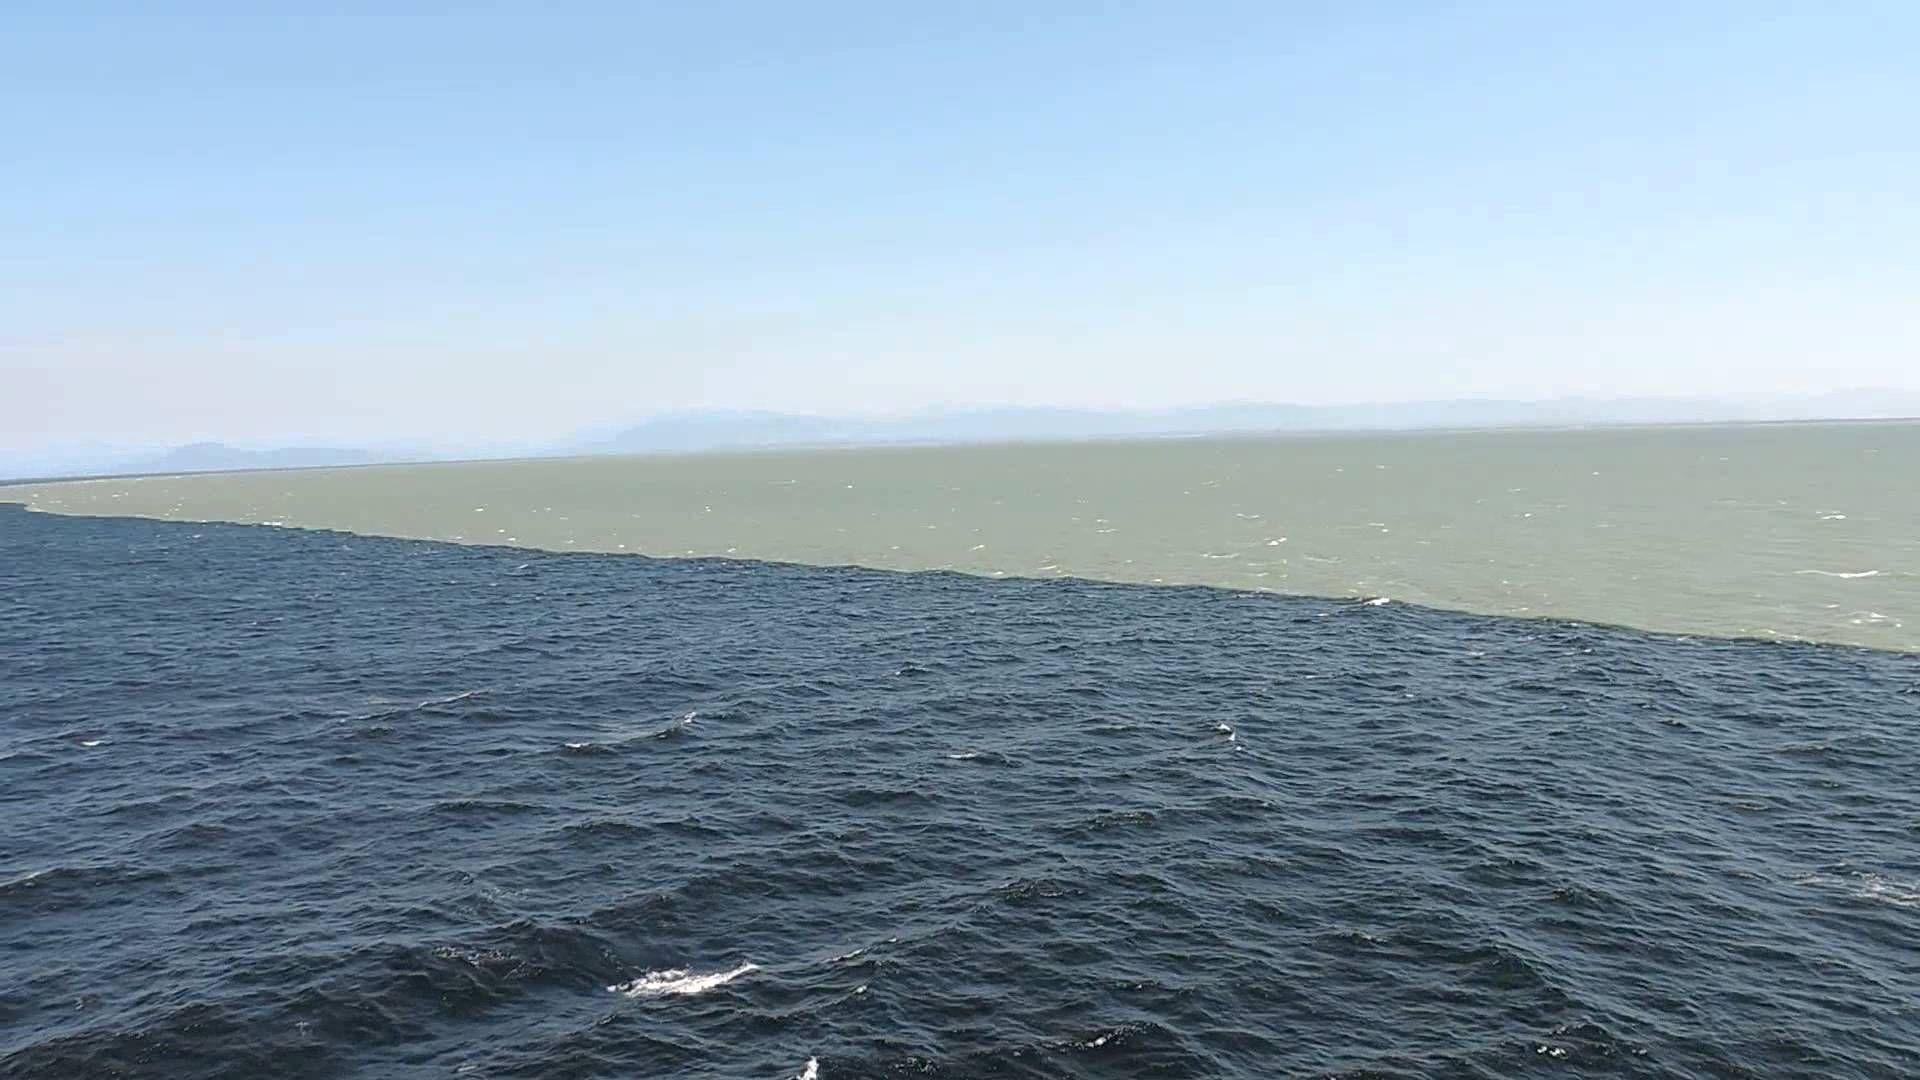 La espectacular unión entre el río y el mar